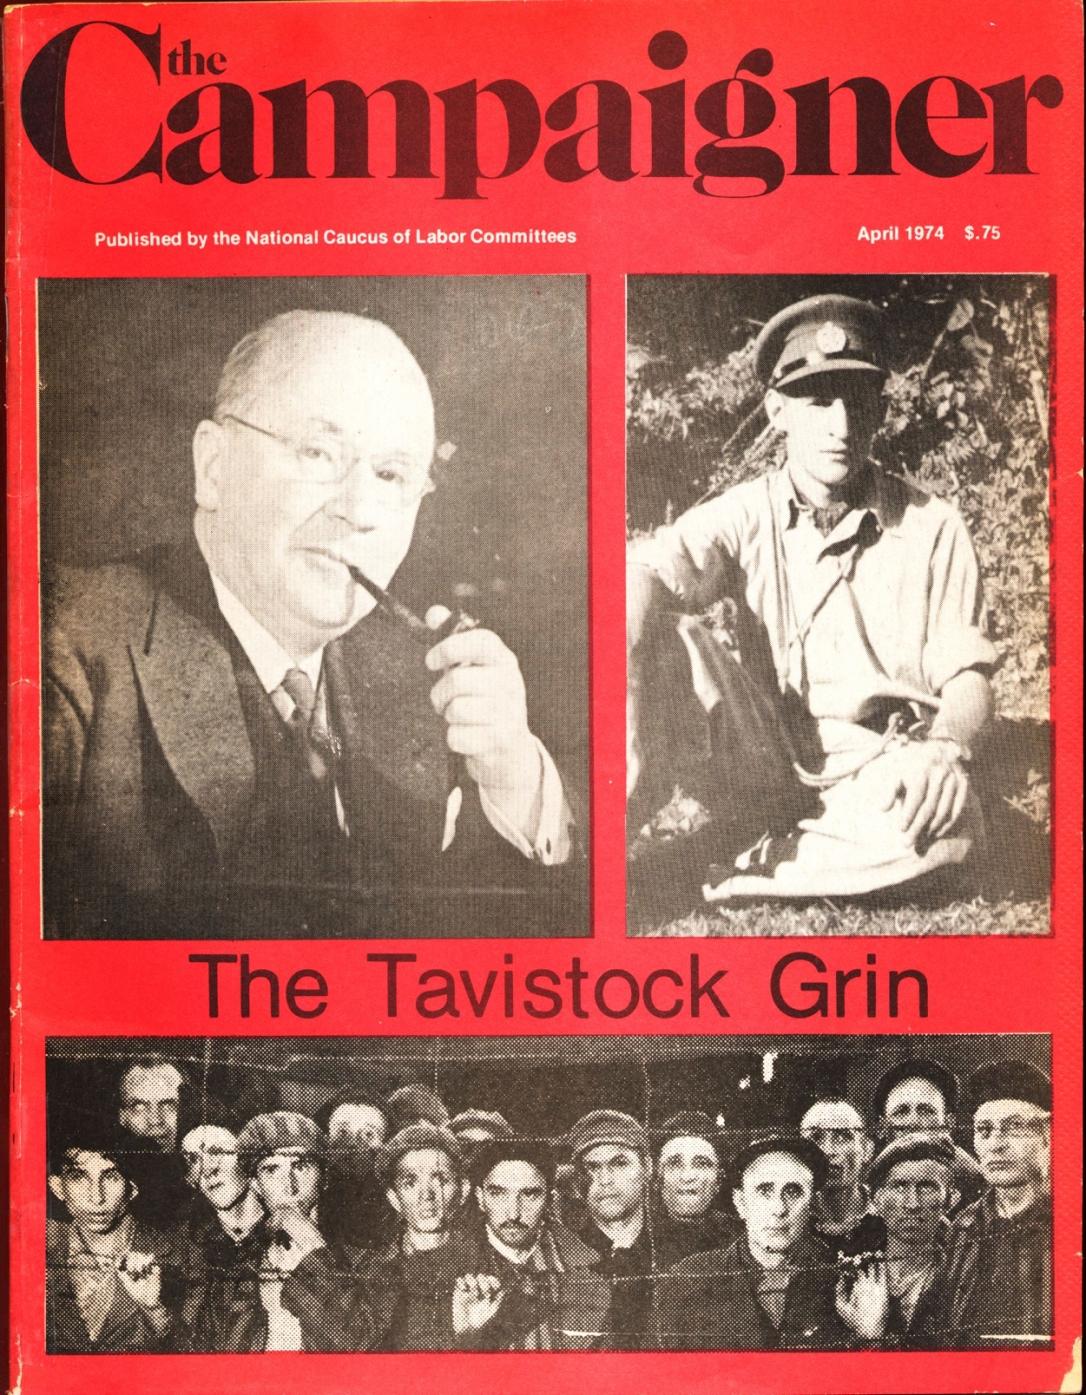 Tavistock Grin